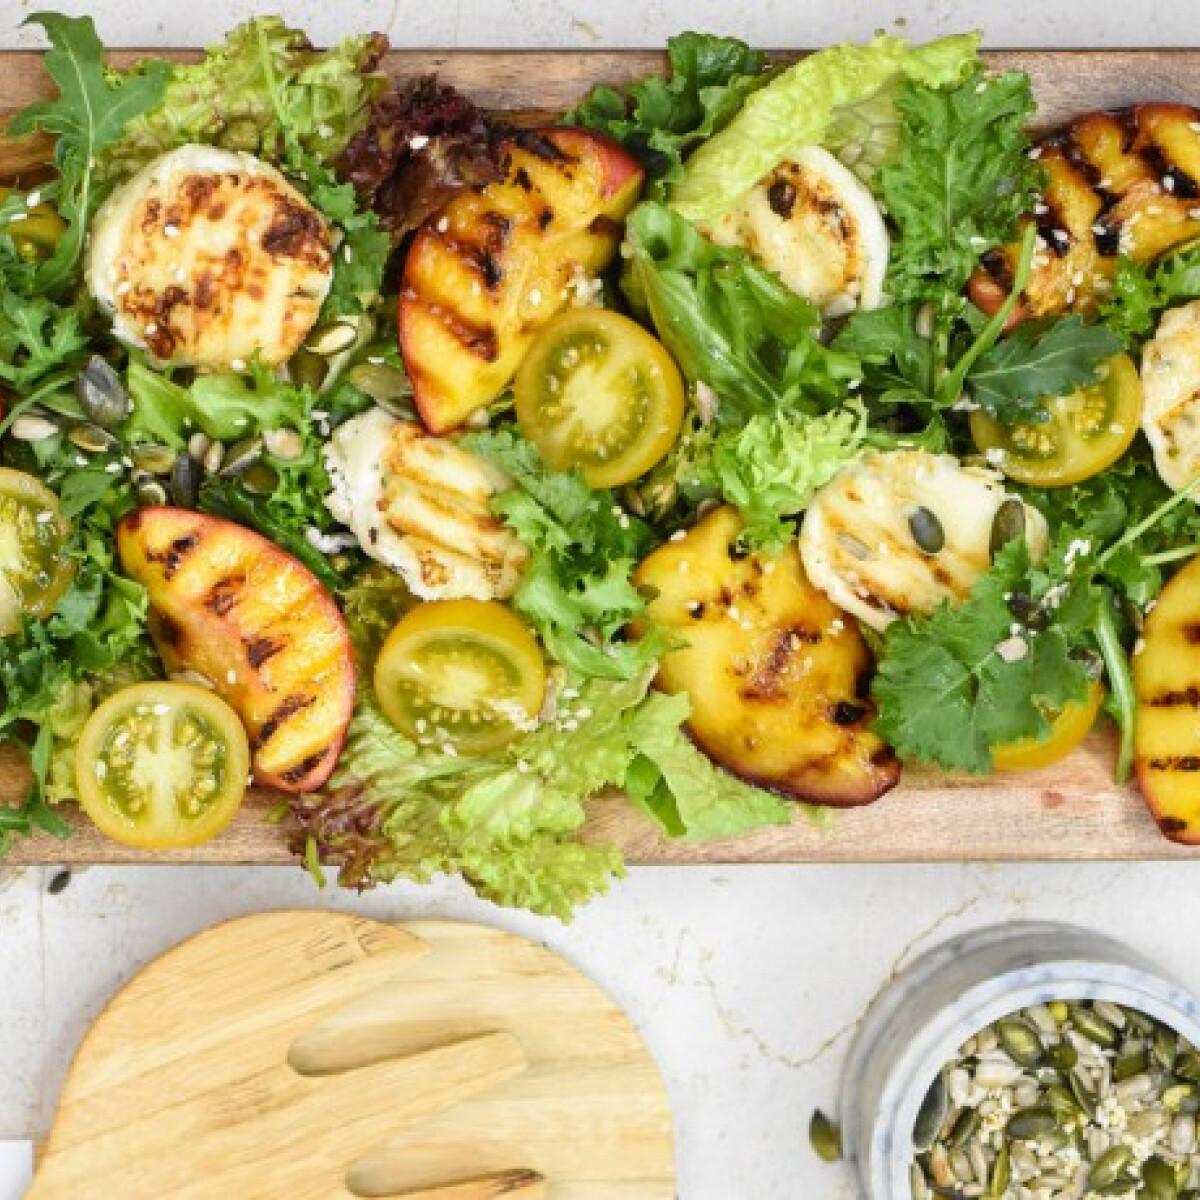 Ezen a képen: Grillezett nektarin és kecskesajt salátaágyon, pirított magvakkal